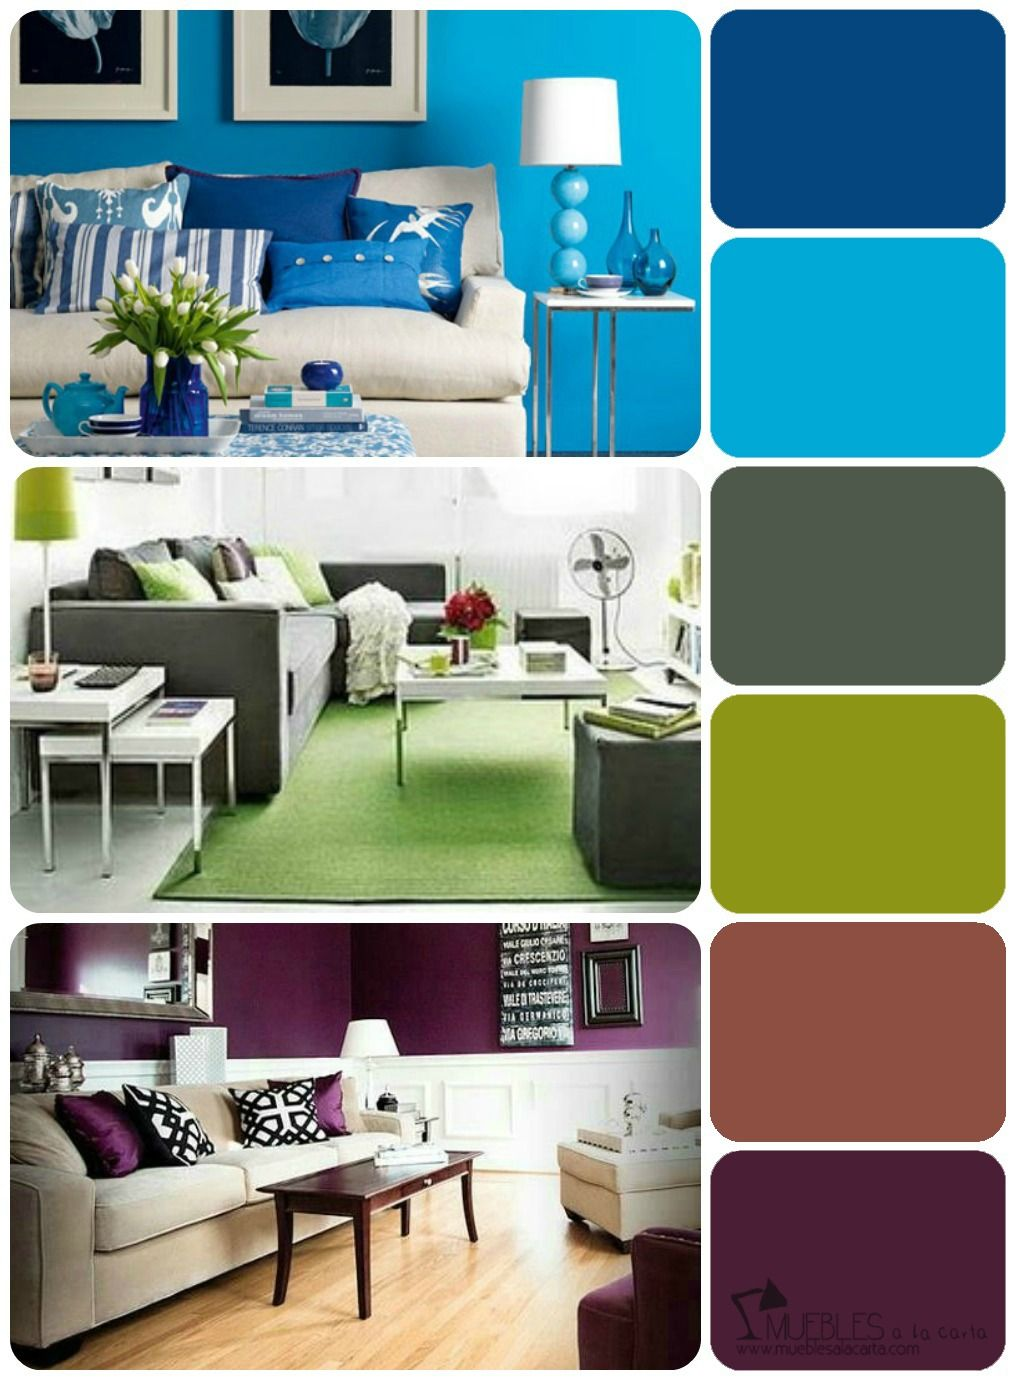 Pinturas de interiores colores perfect colores de pintura - Gama de colores de pintura para interiores ...